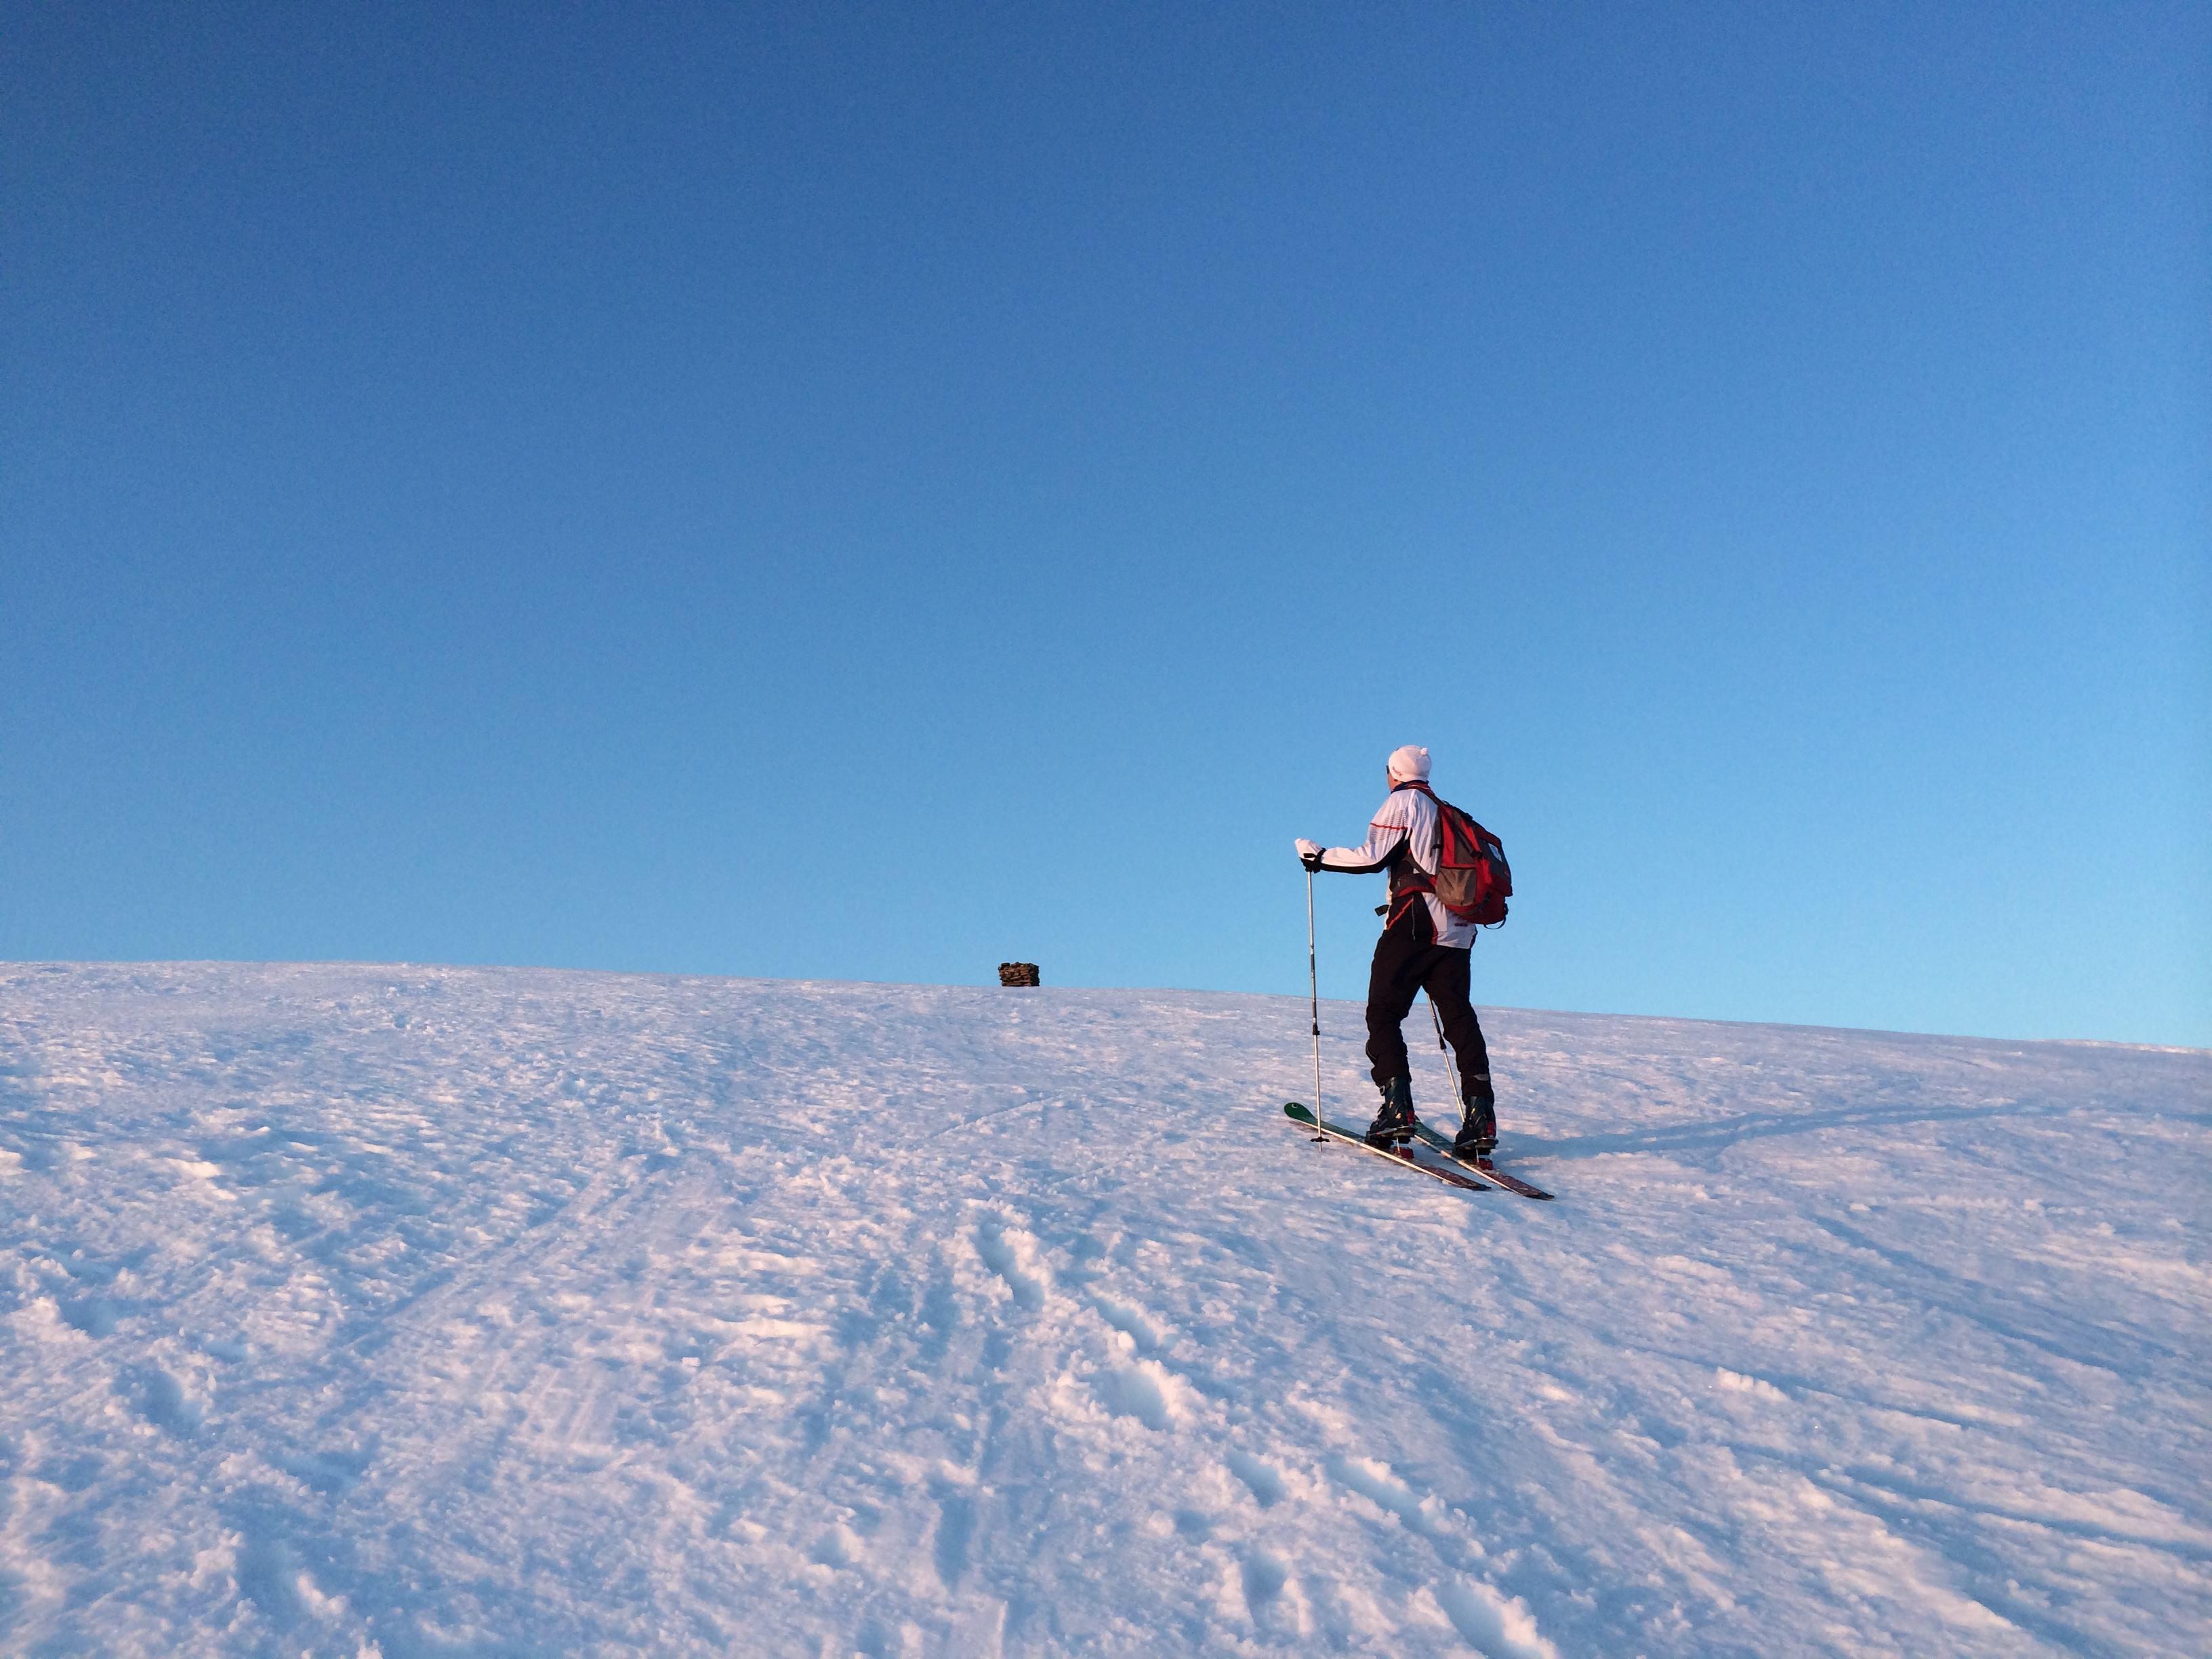 Mannen leder vei mot min aller første topptur på ski.